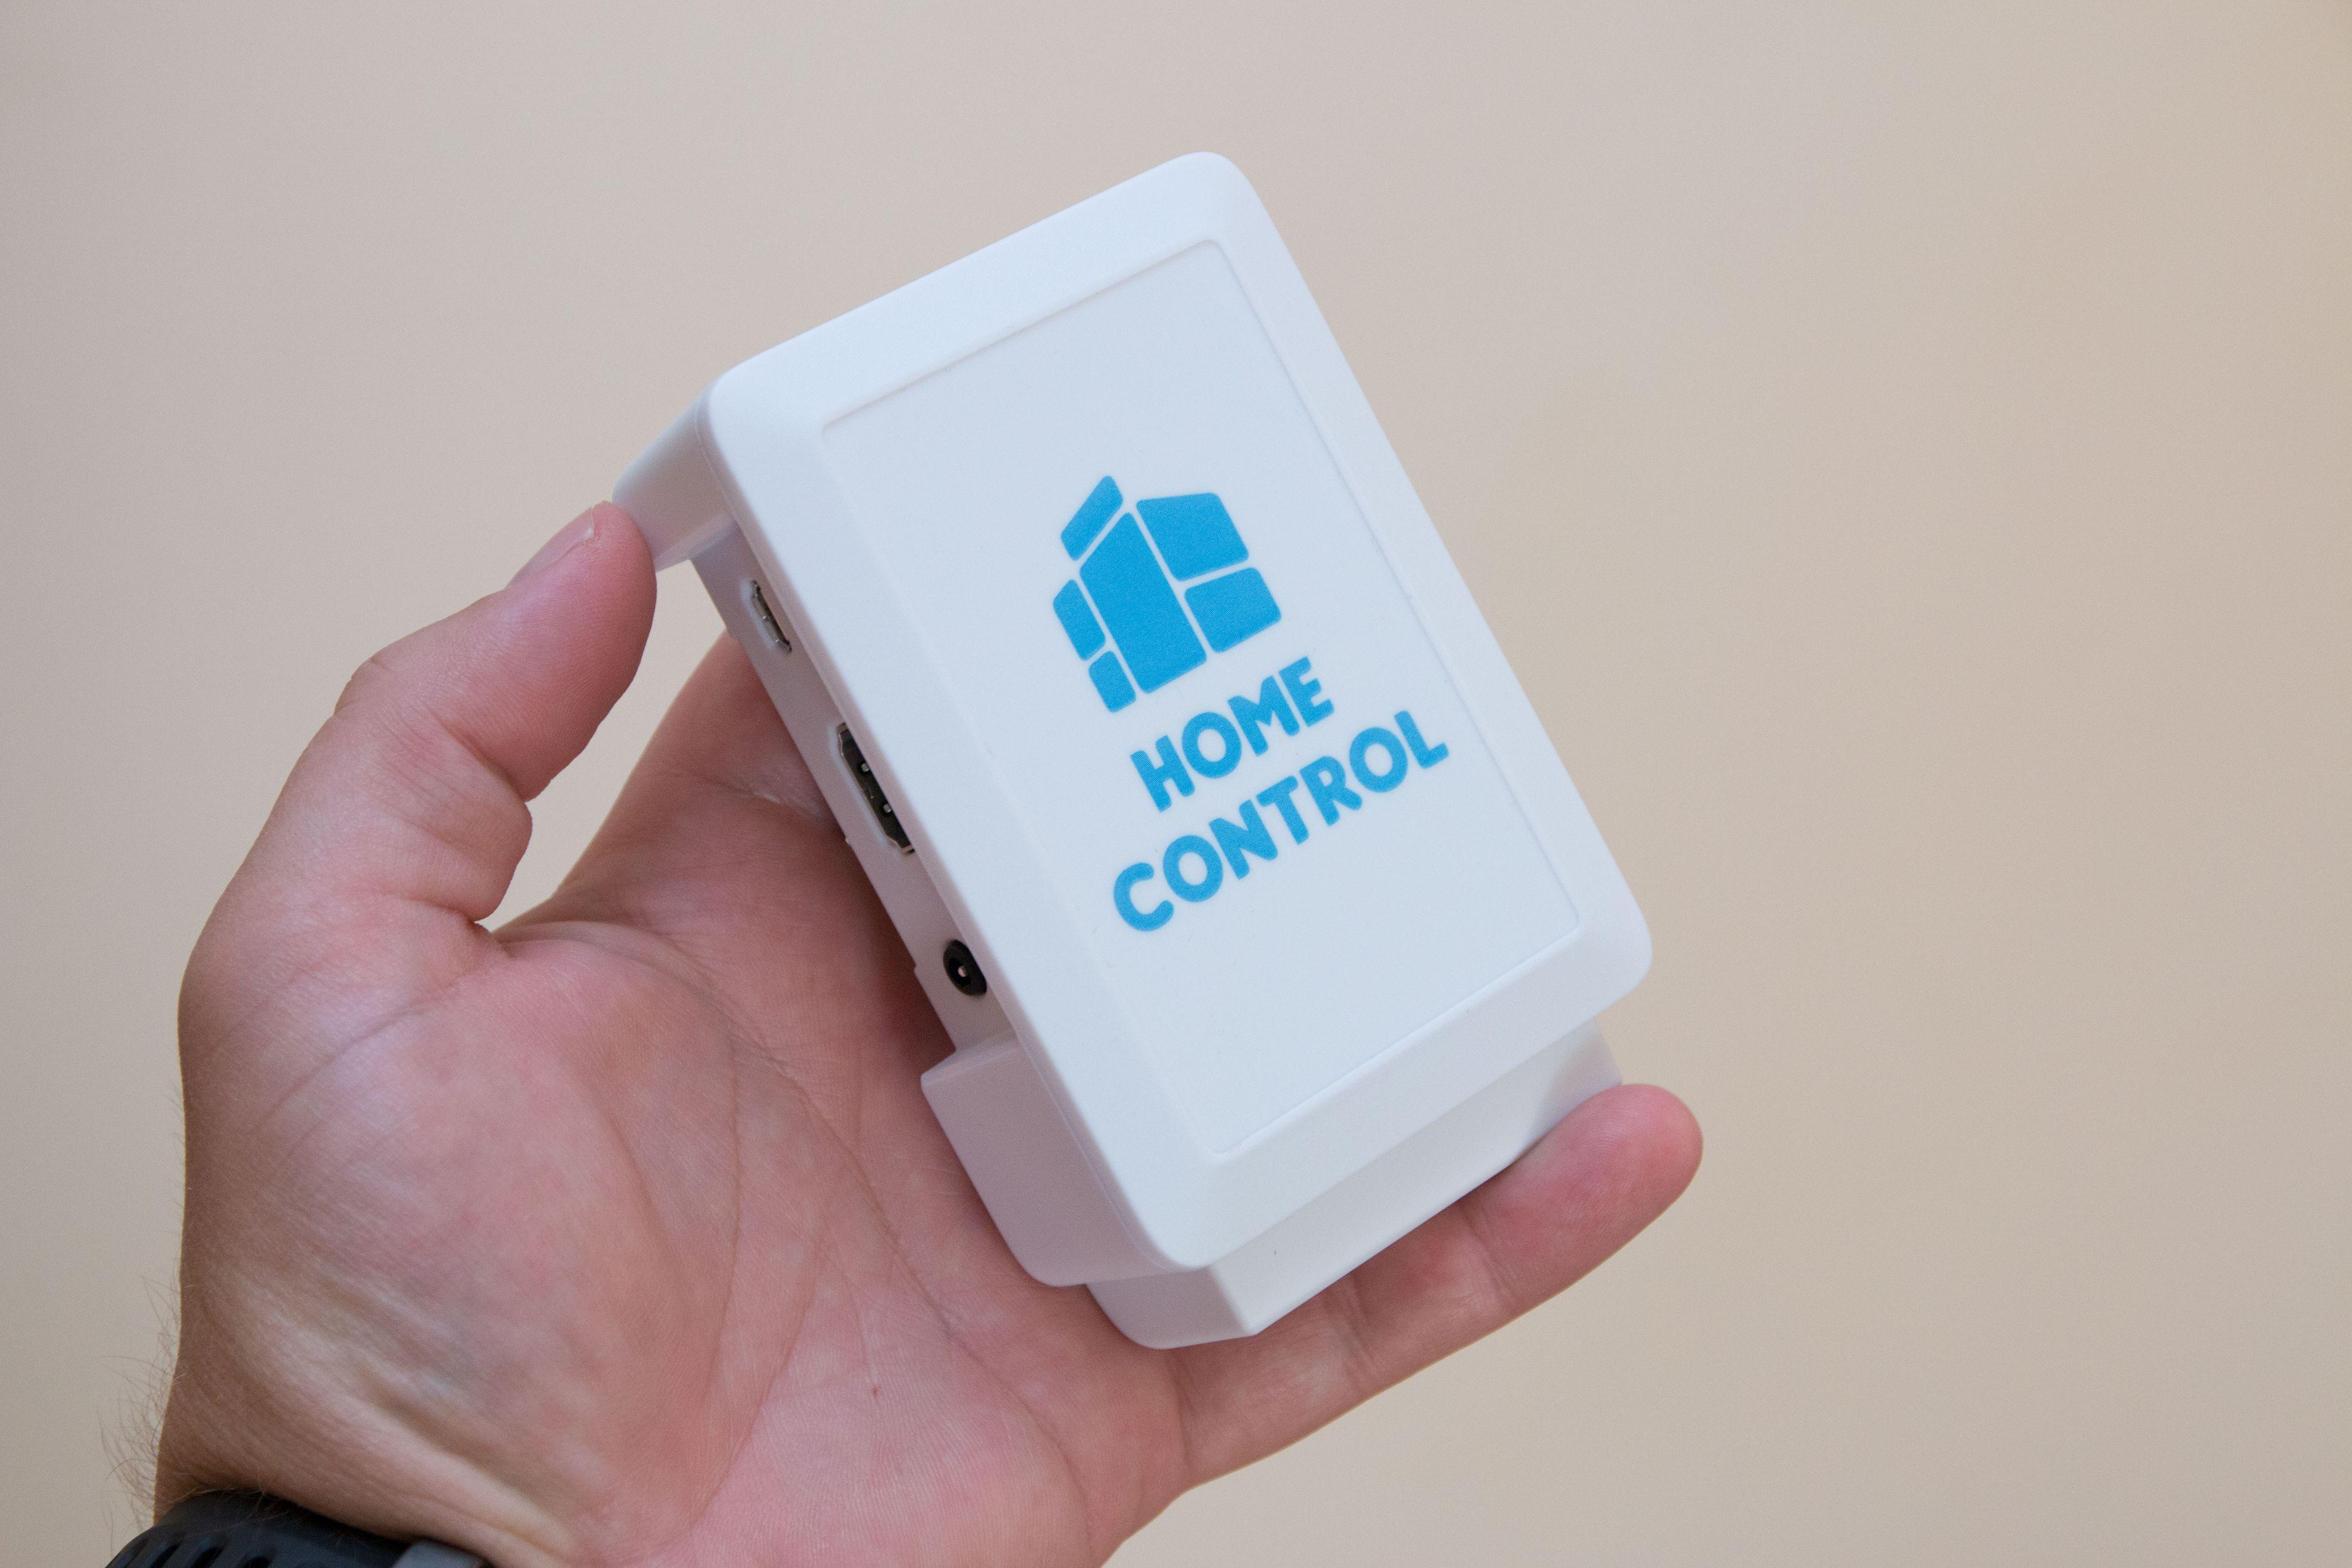 Den lille sentralen er ikke begrenset til kun Home Control-dingser. Foto: Ole Henrik Johansen / Tek.no